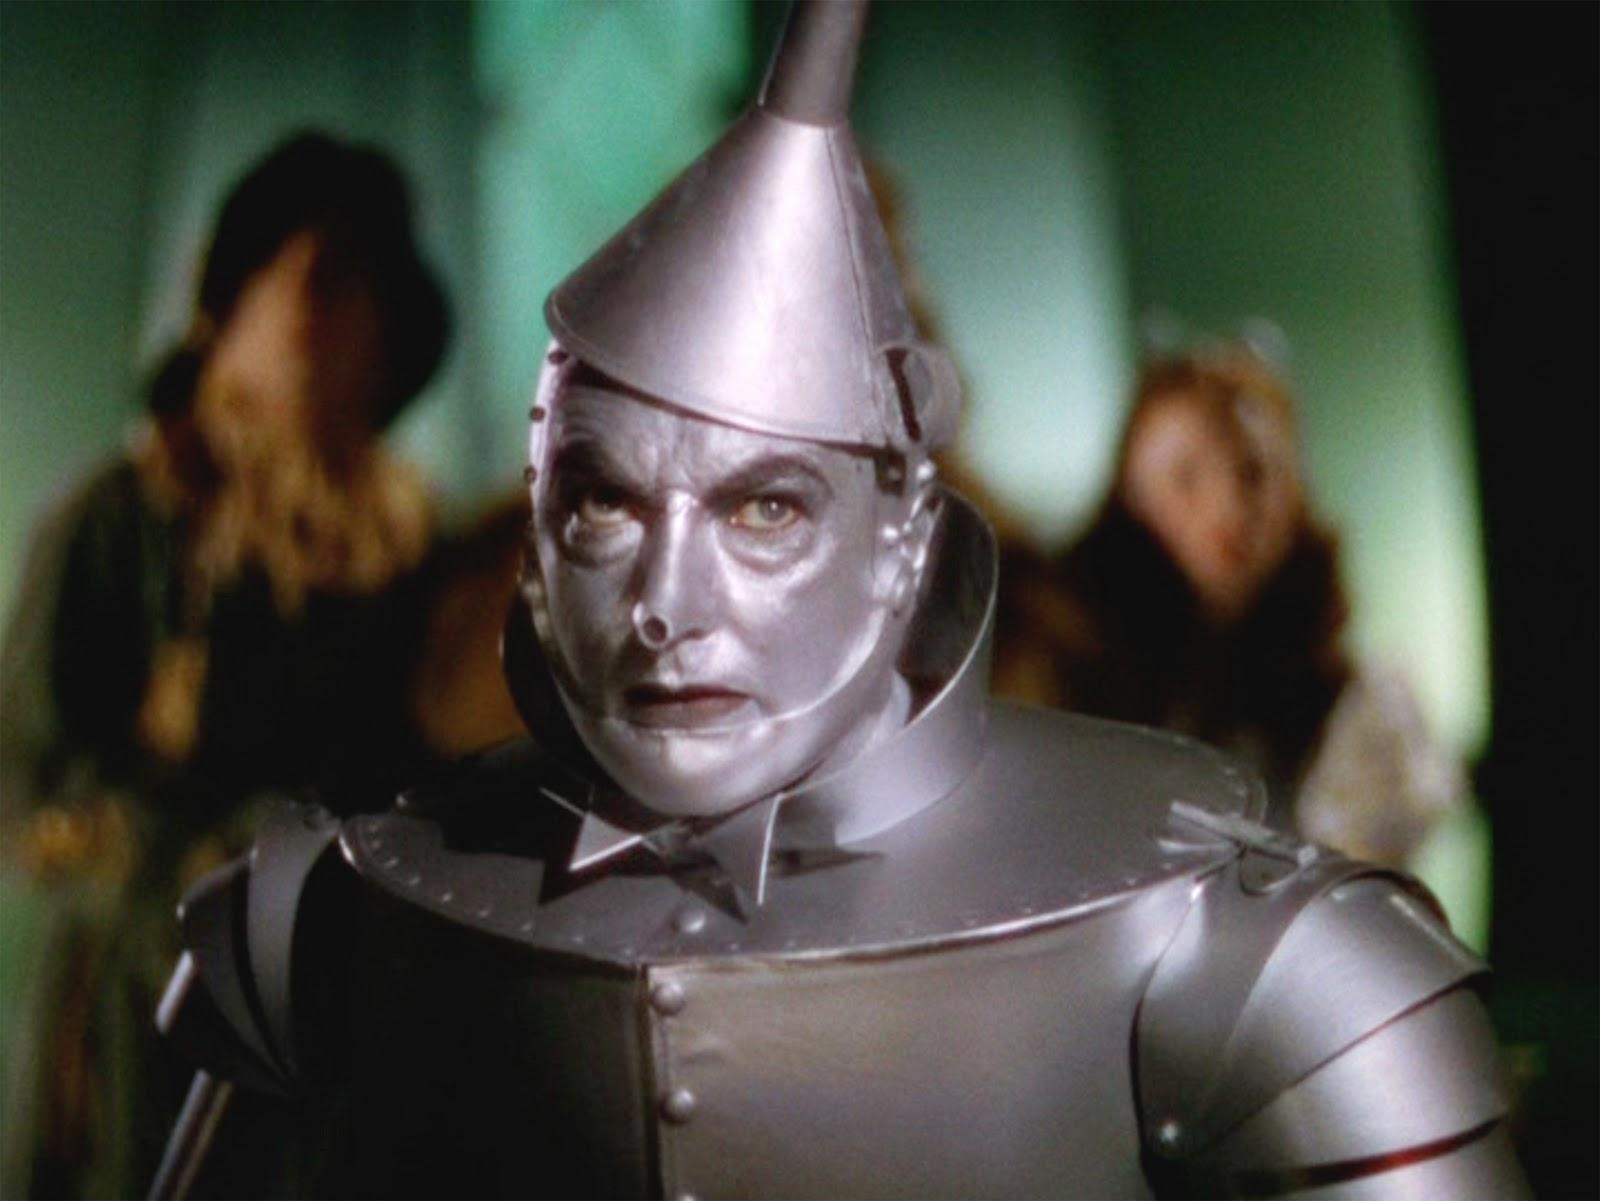 Tin Man (miniseries) - Wikipedia